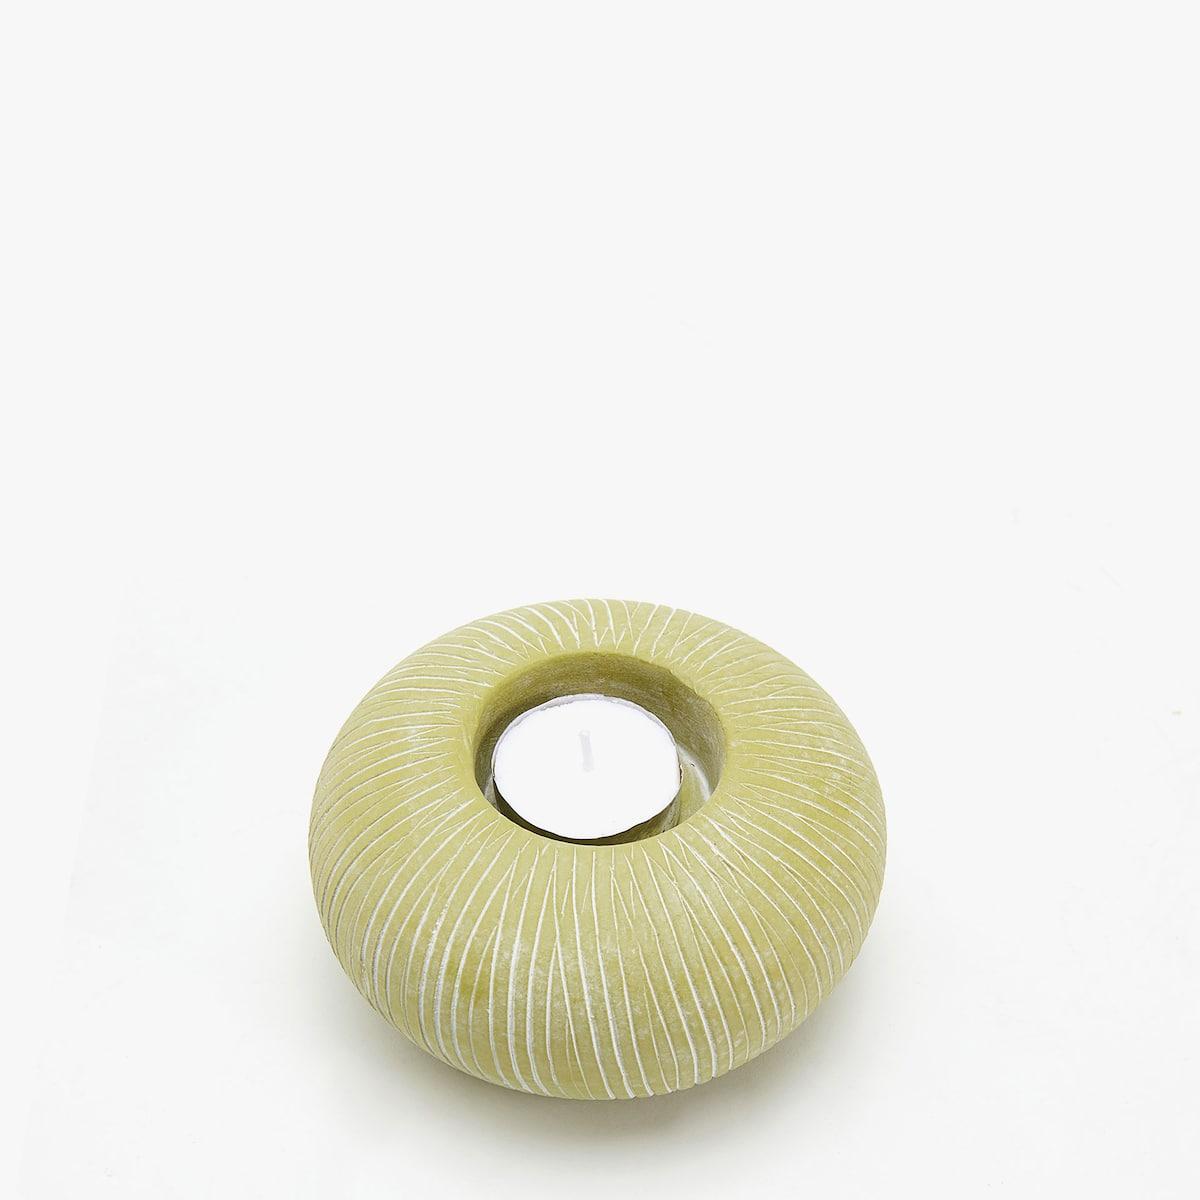 Afbeelding 2 van het product Aardewerken kaarshouder met strepen